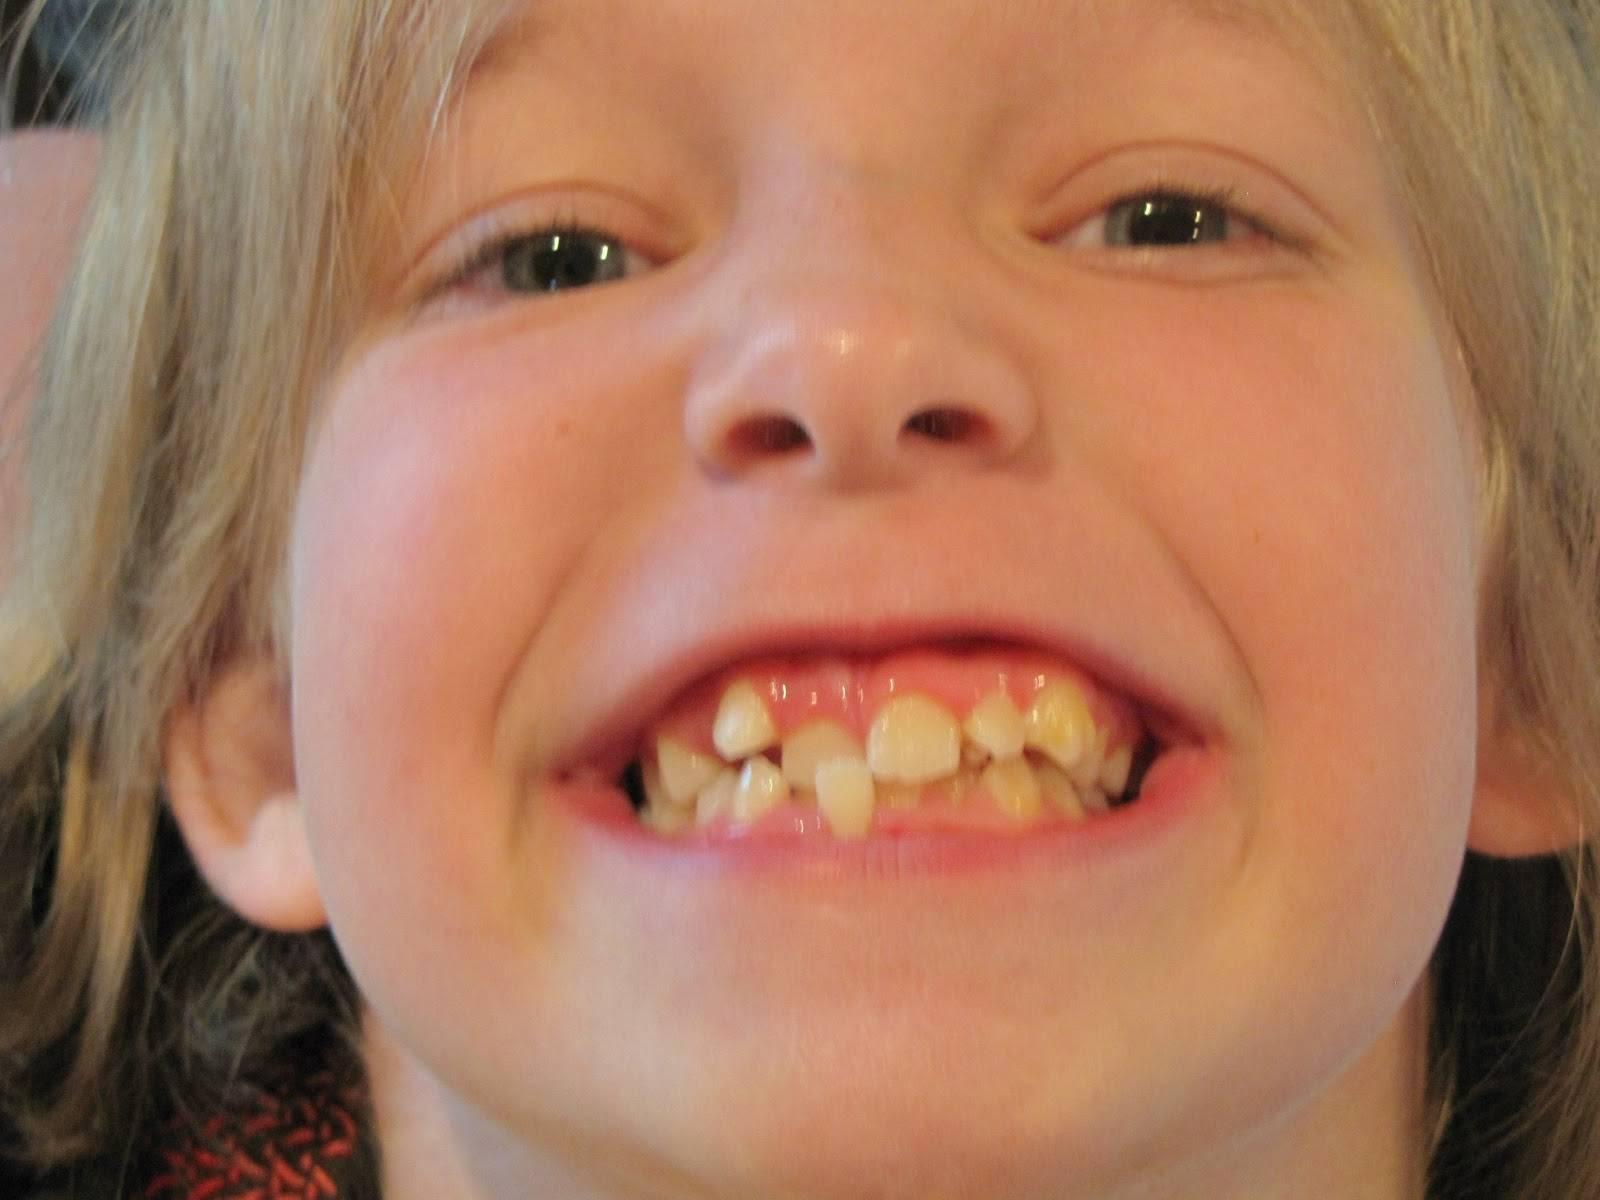 Кривые молочные зубы!!! - кривые молочные зубы что делать - запись пользователя наталья (minu) в дневнике - babyblog.ru